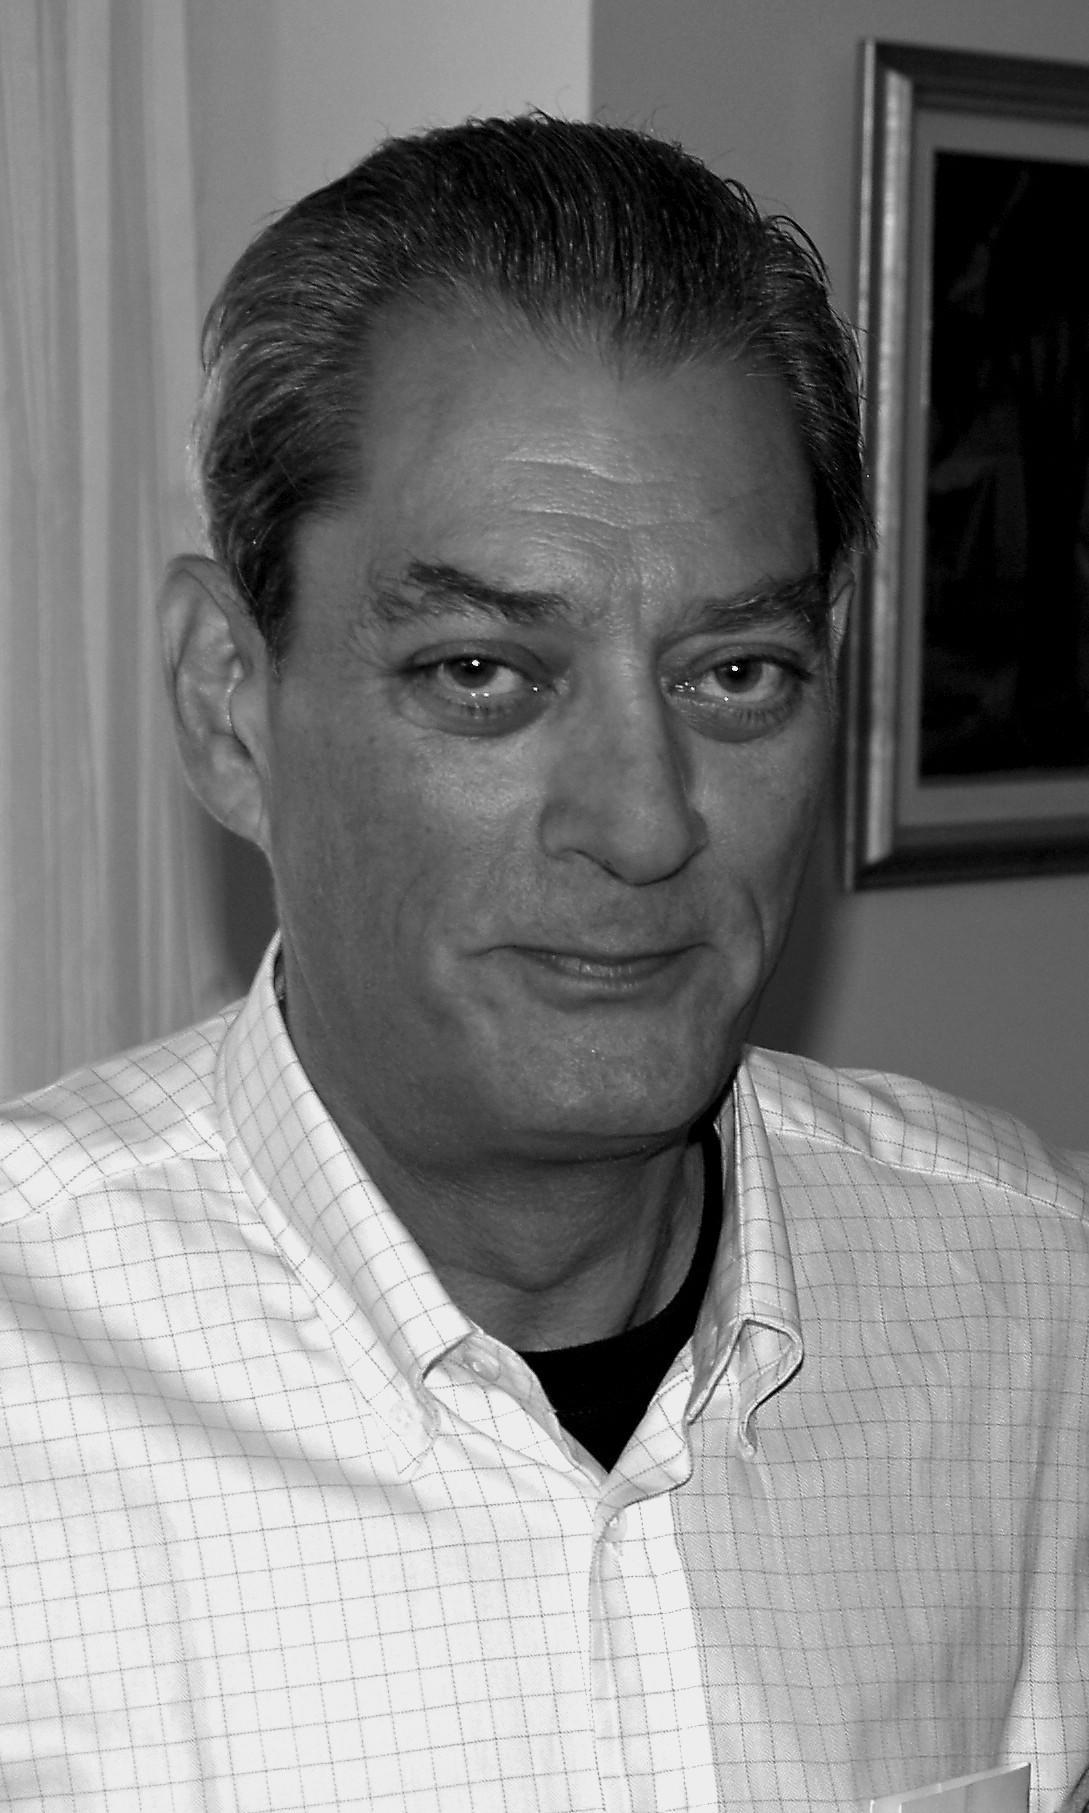 Paul Benjamin Auster